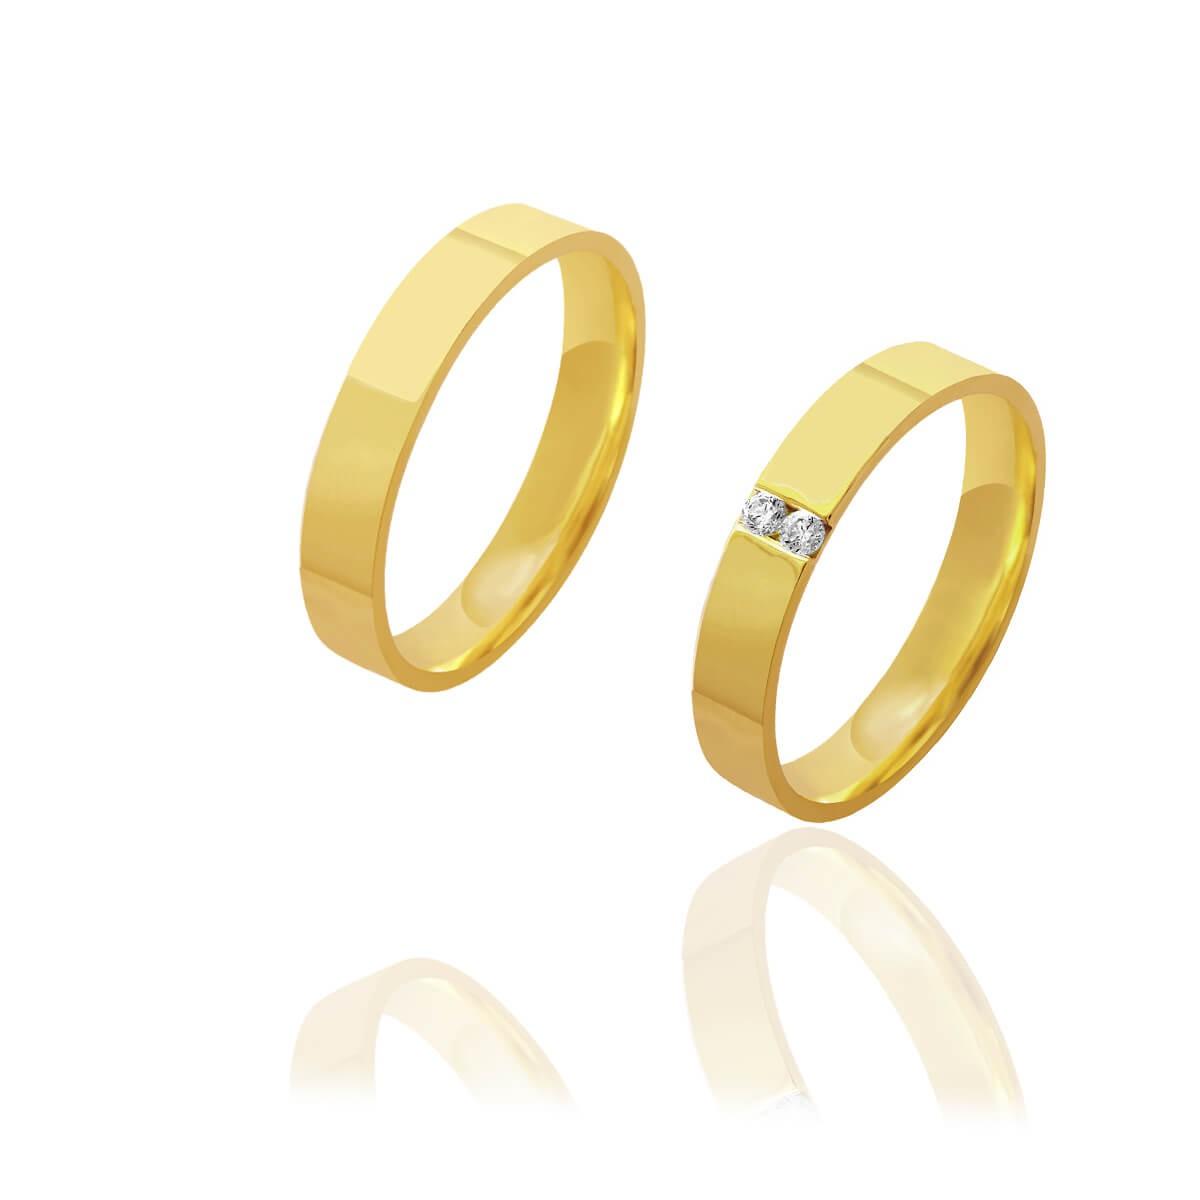 Par de Alianças de Casamento Afrodite Ouro 18k Reta com 2 Brilhantes Centrais Embutidos 4mm 5,4g